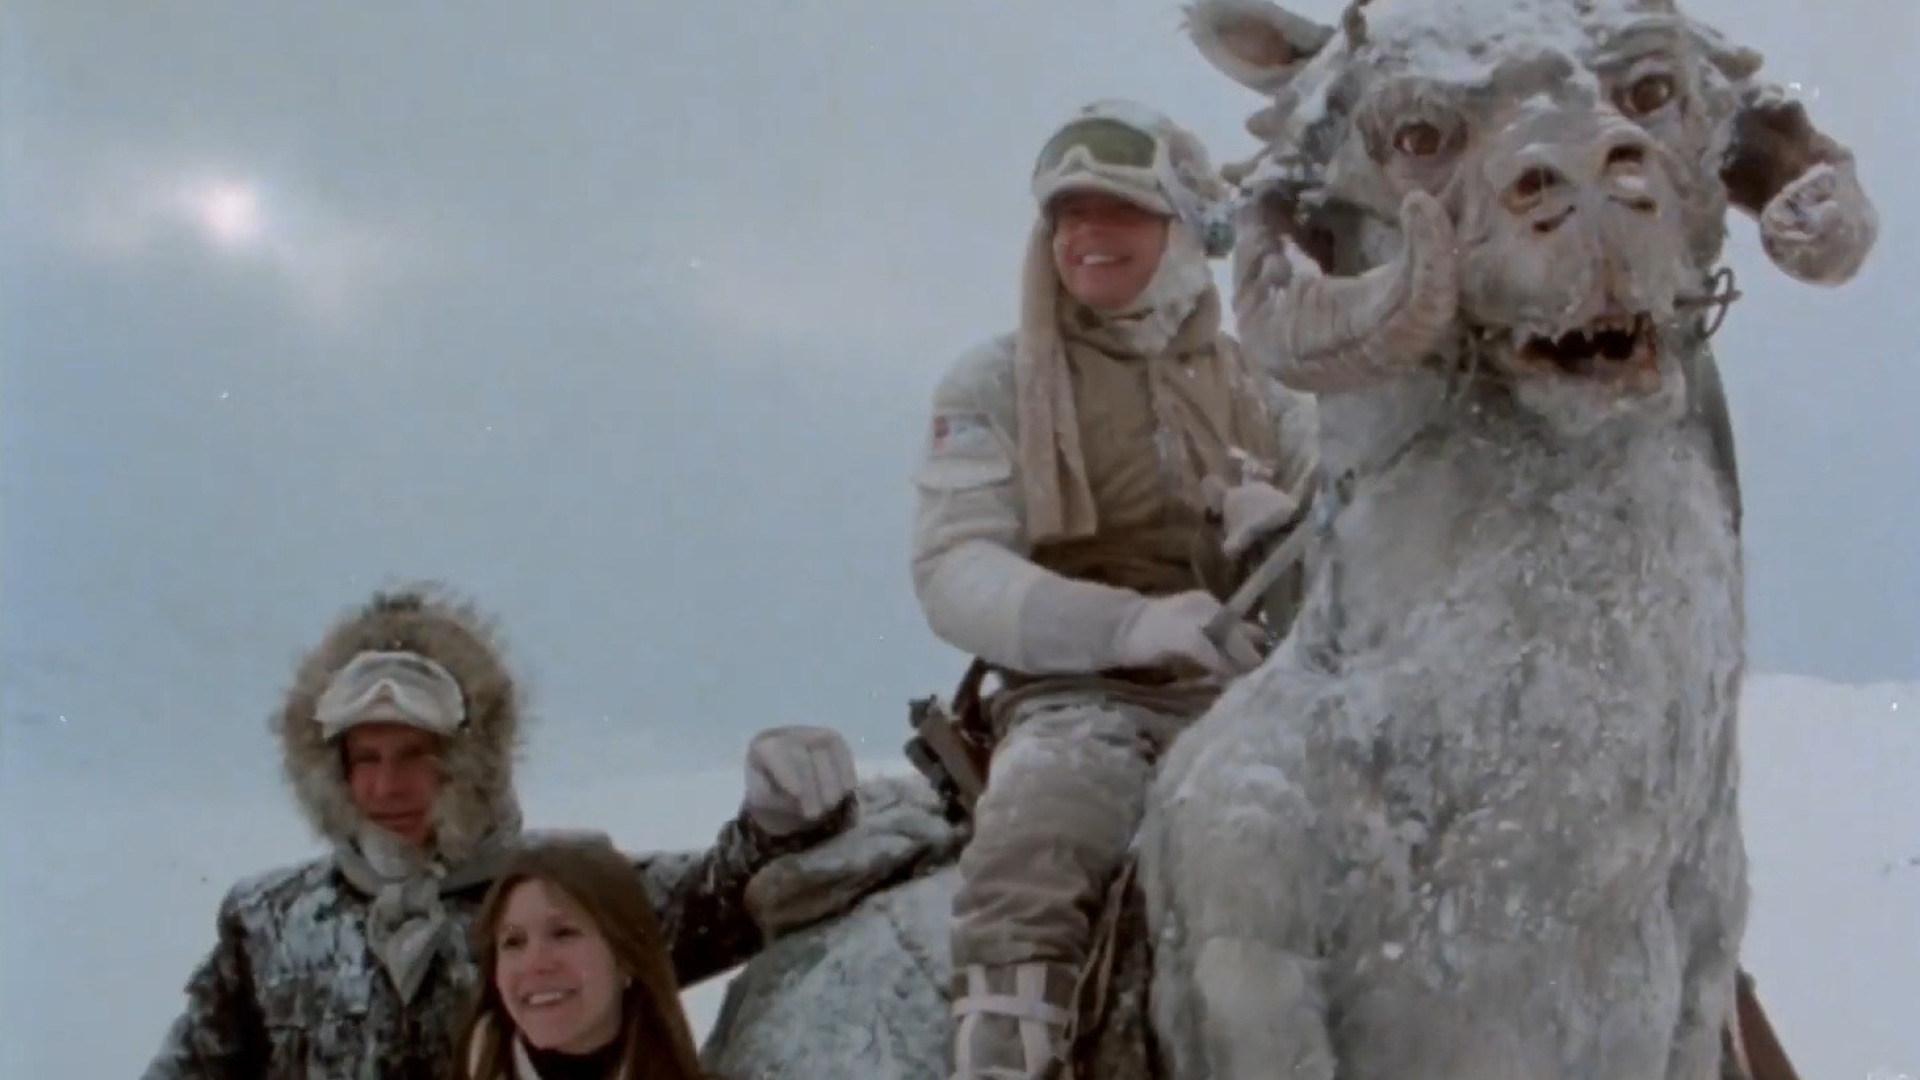 Star Wars, Kino, Kinofilm, Disney, Science Fiction, Das Imperium schlägt zurück, Behind the Scenes, The Empire Strikes Back